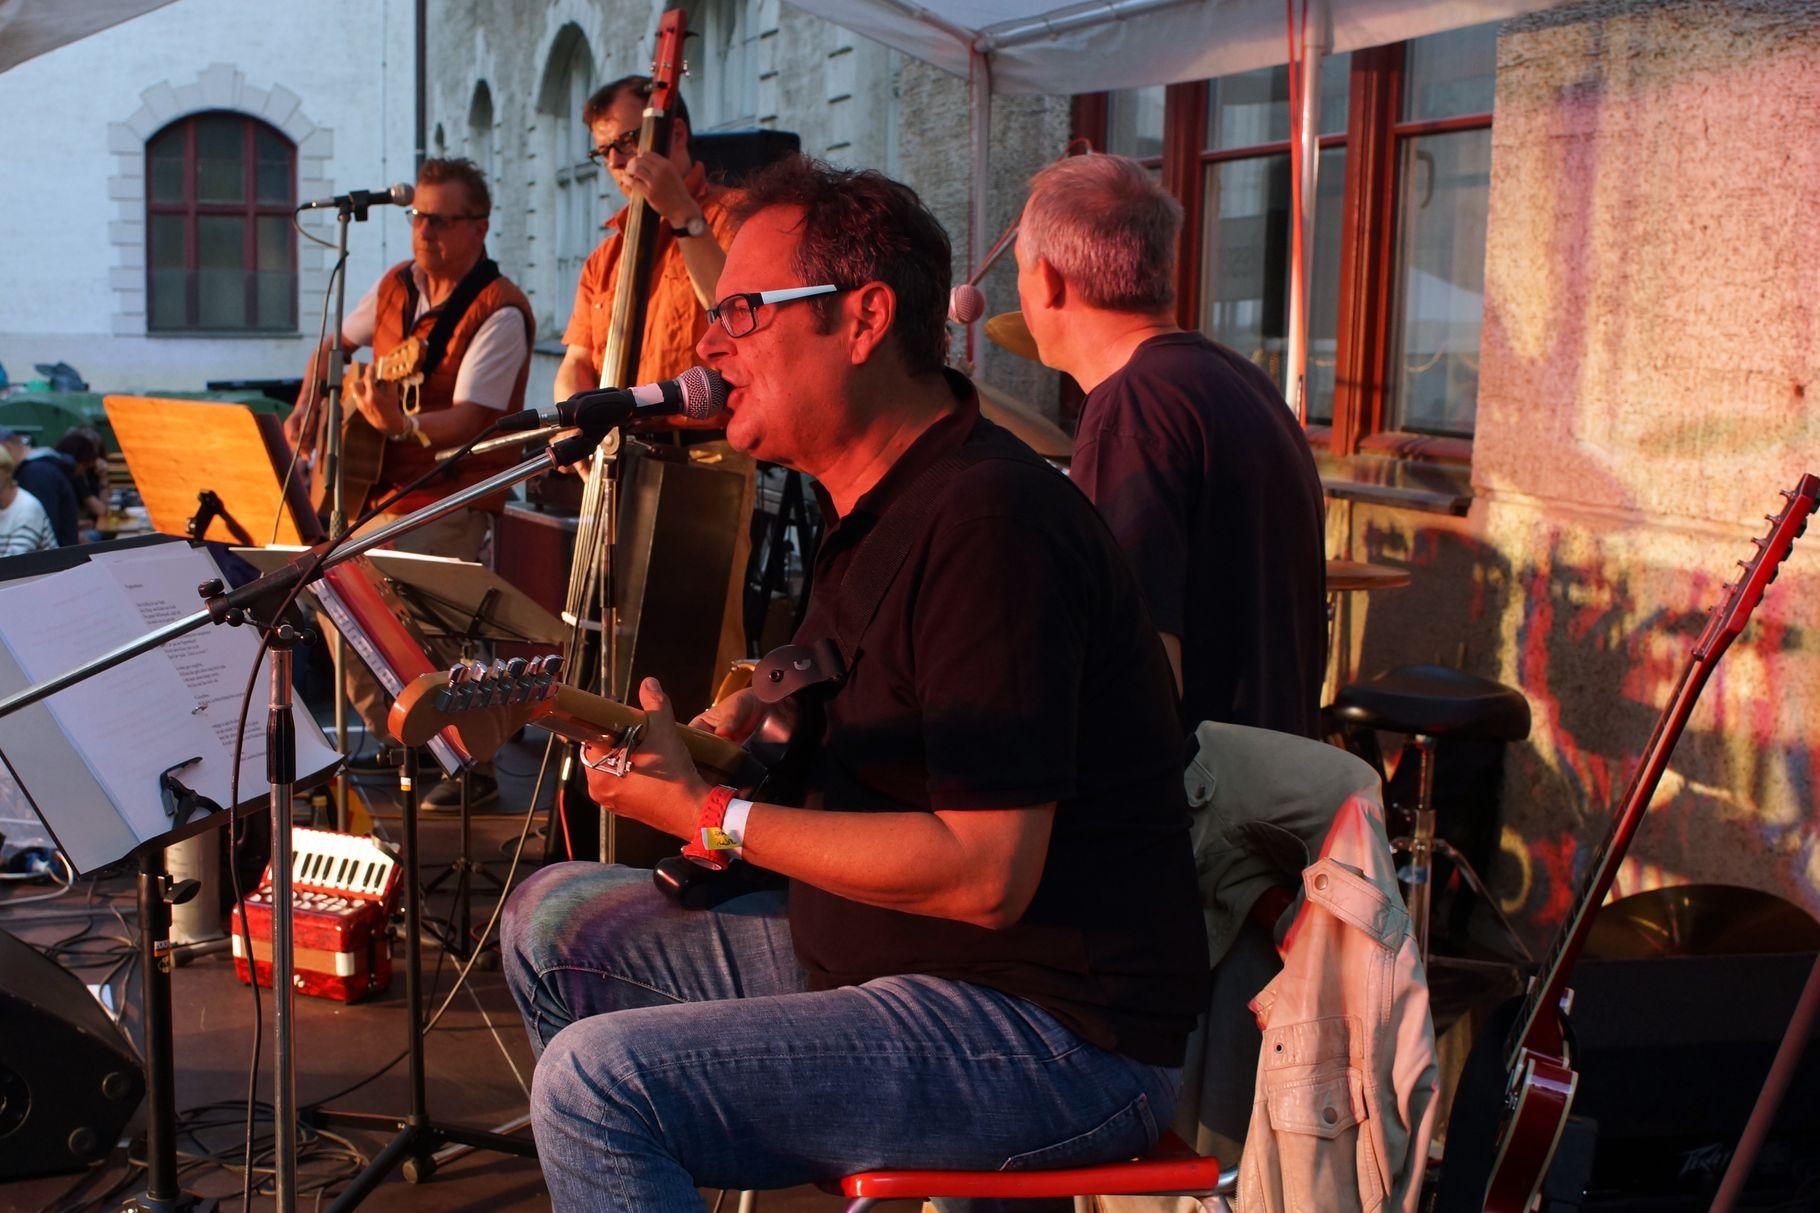 Konzerte im Bürgerhof 27.06.14 Zappek - Freiwilligen-Zentrum Augsburg - Foto: Crayfish